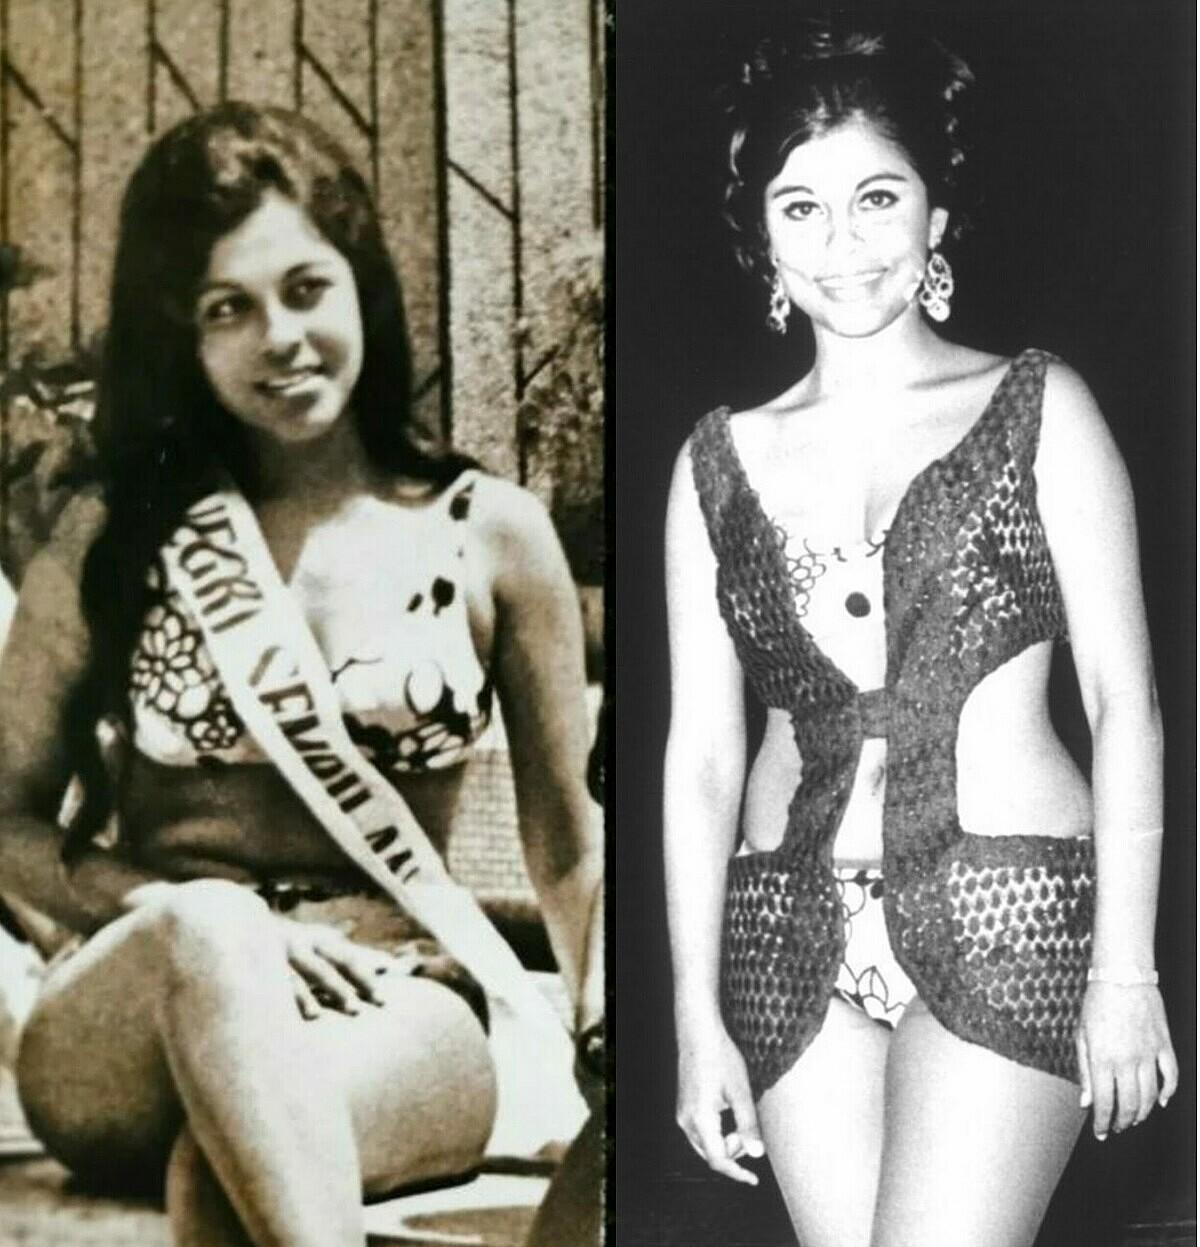 Giành nhiều giải trong các cuộc thi hoa hậu, Jean Perera Sinnappa được người Malaysia mệnh danh Nữ hoàng sắc đẹp. Ảnh: Unreserved Media, NST